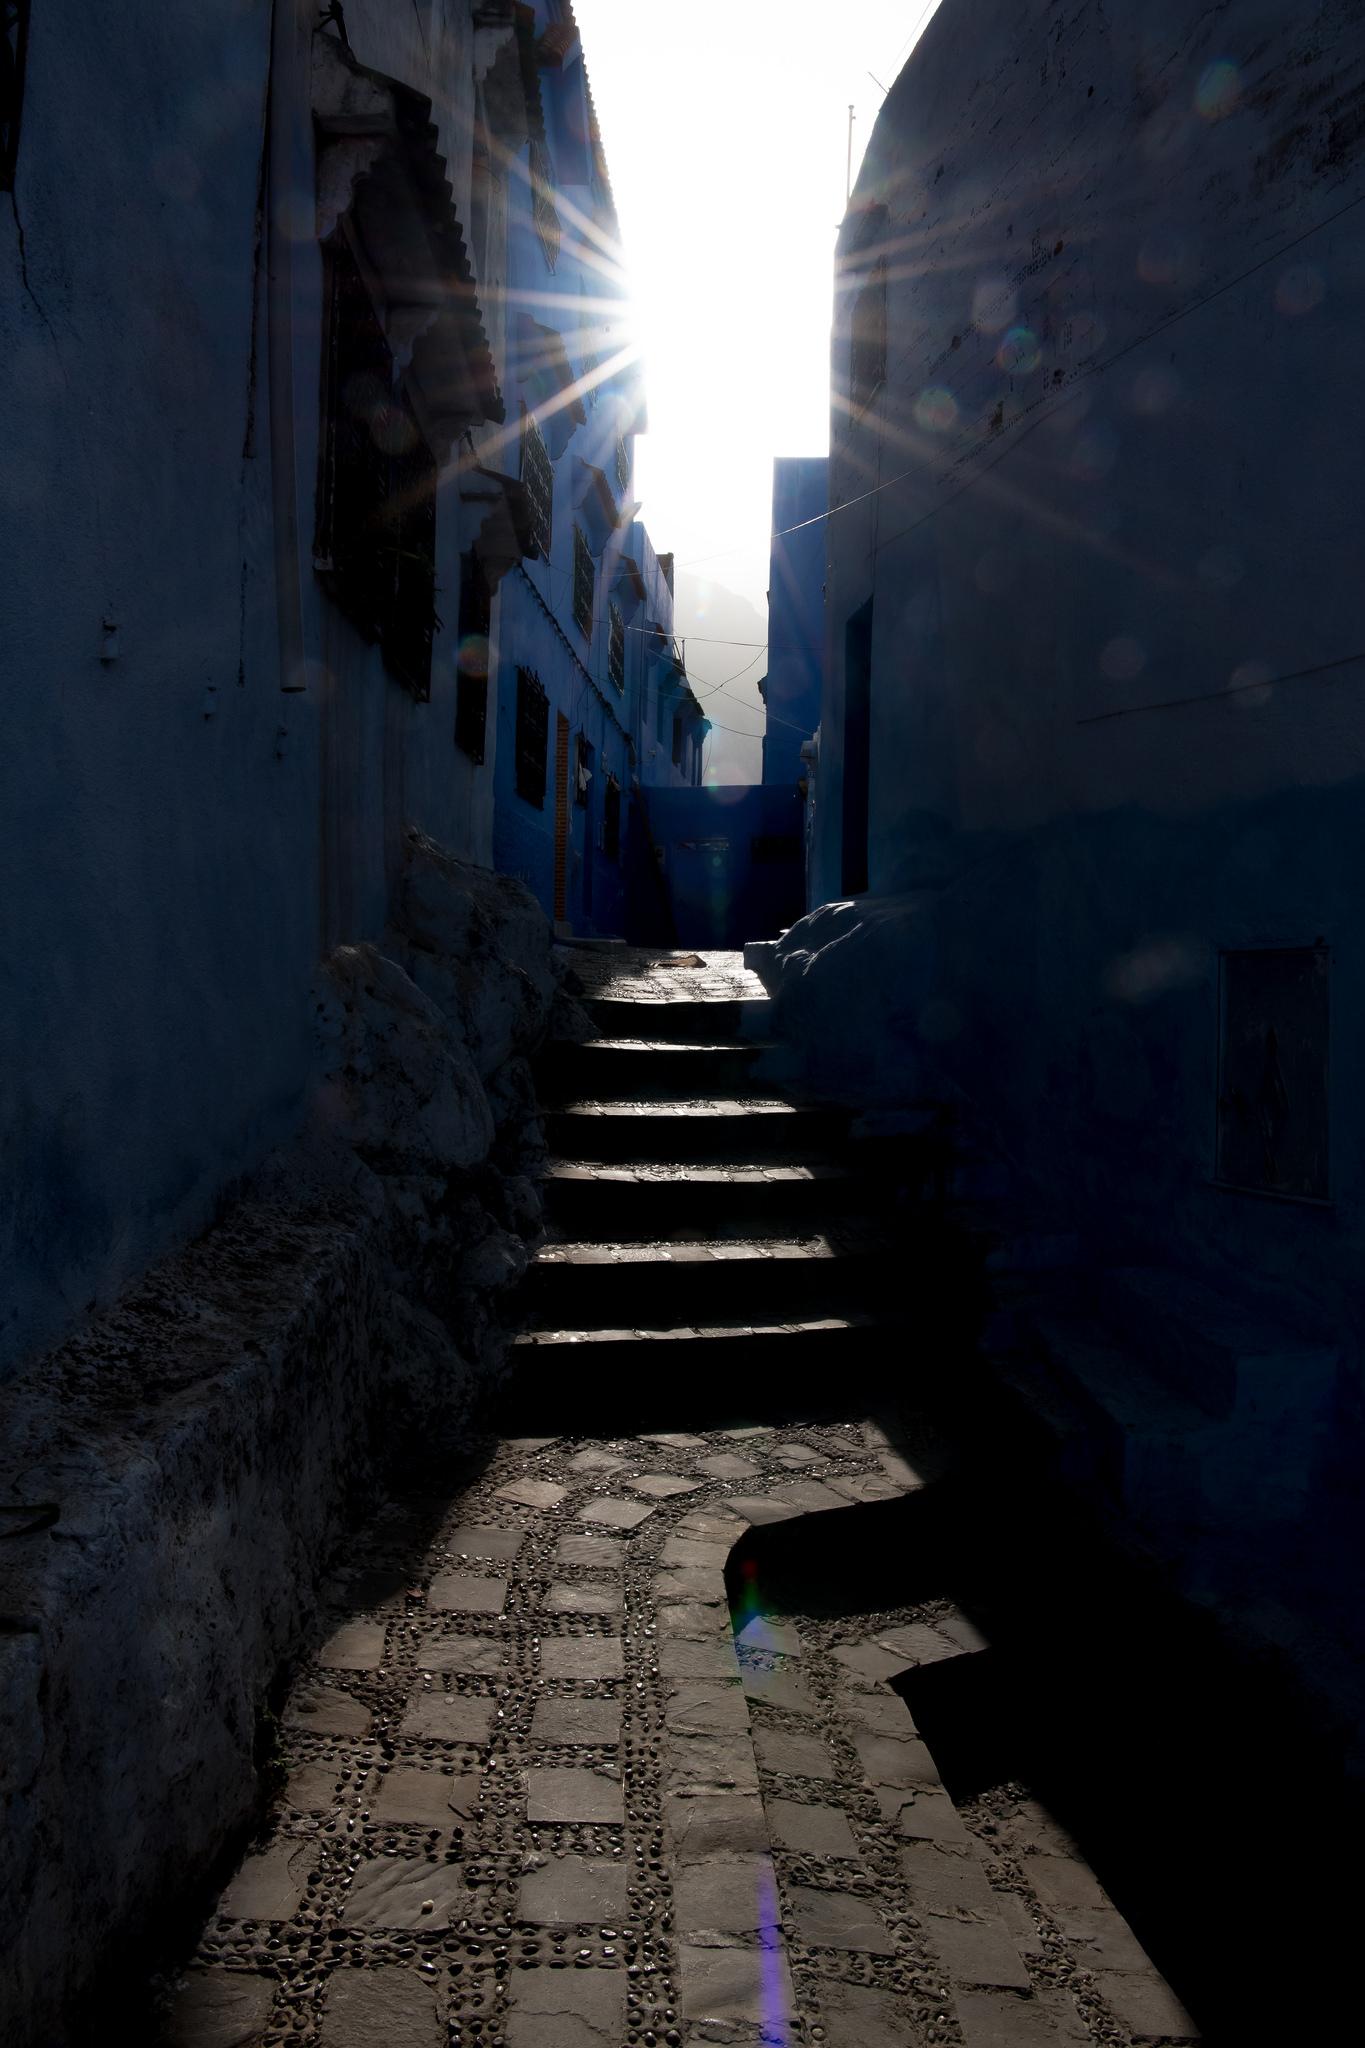 Chefchaouen Sunburst - Chefchaouen, Morocco